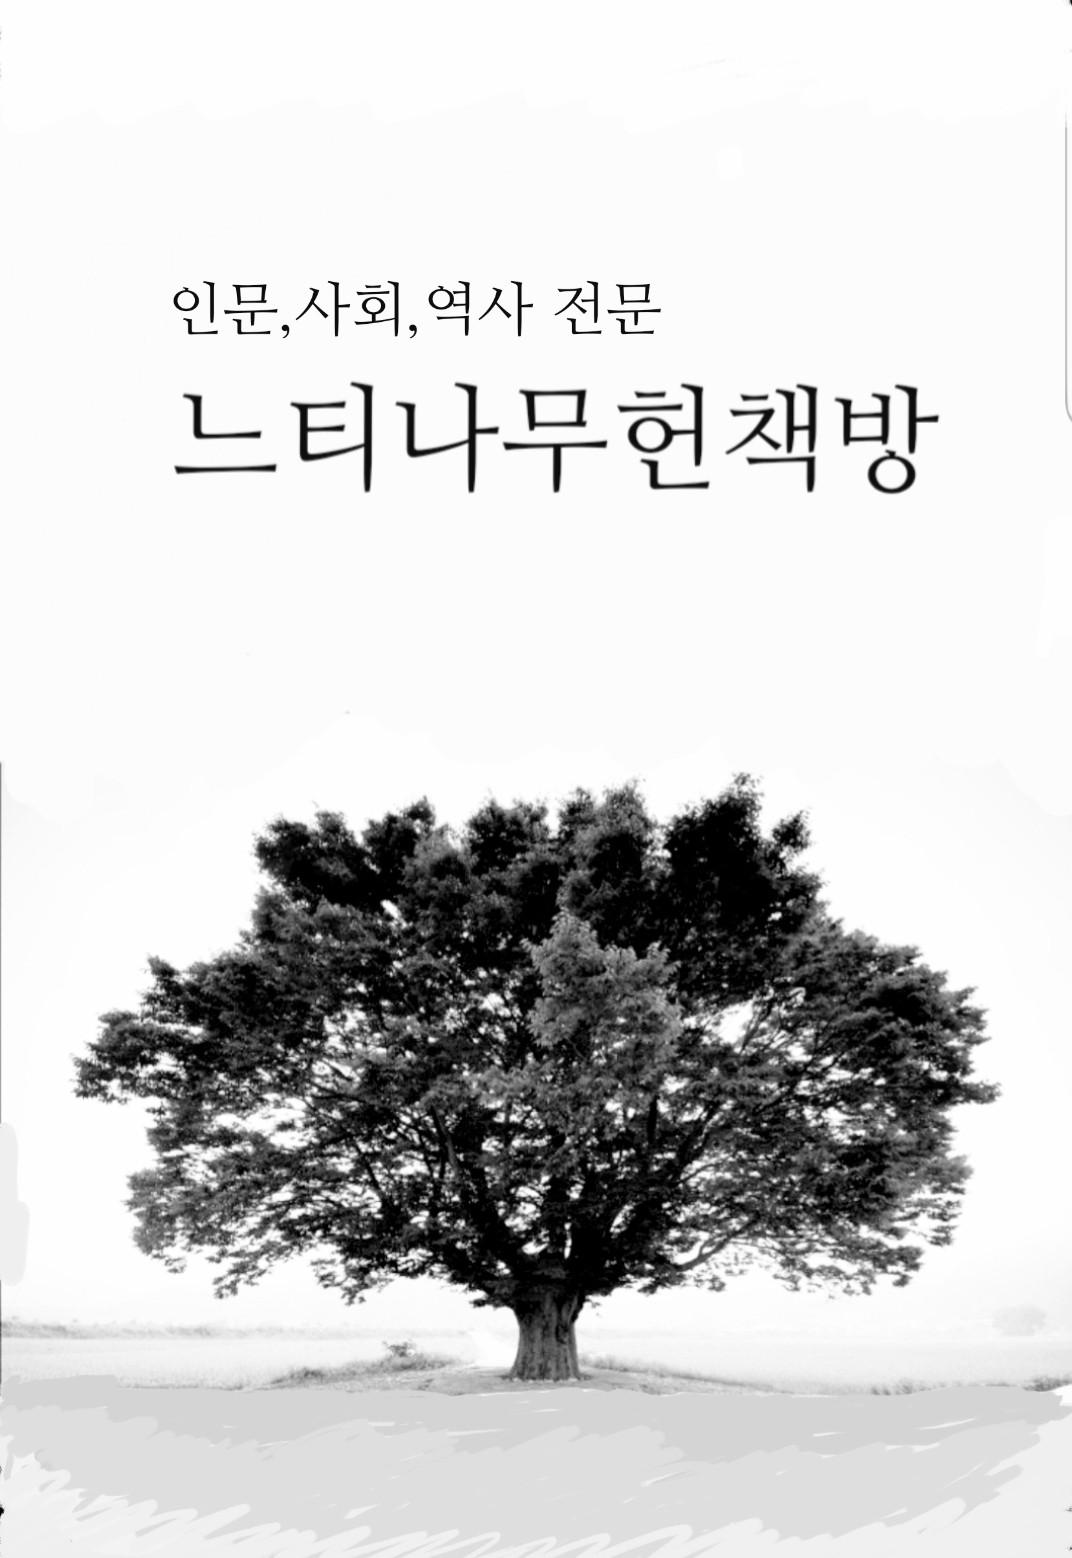 나무의 방 - 전통 목가구 전시 특별전 도록 (방6코너)